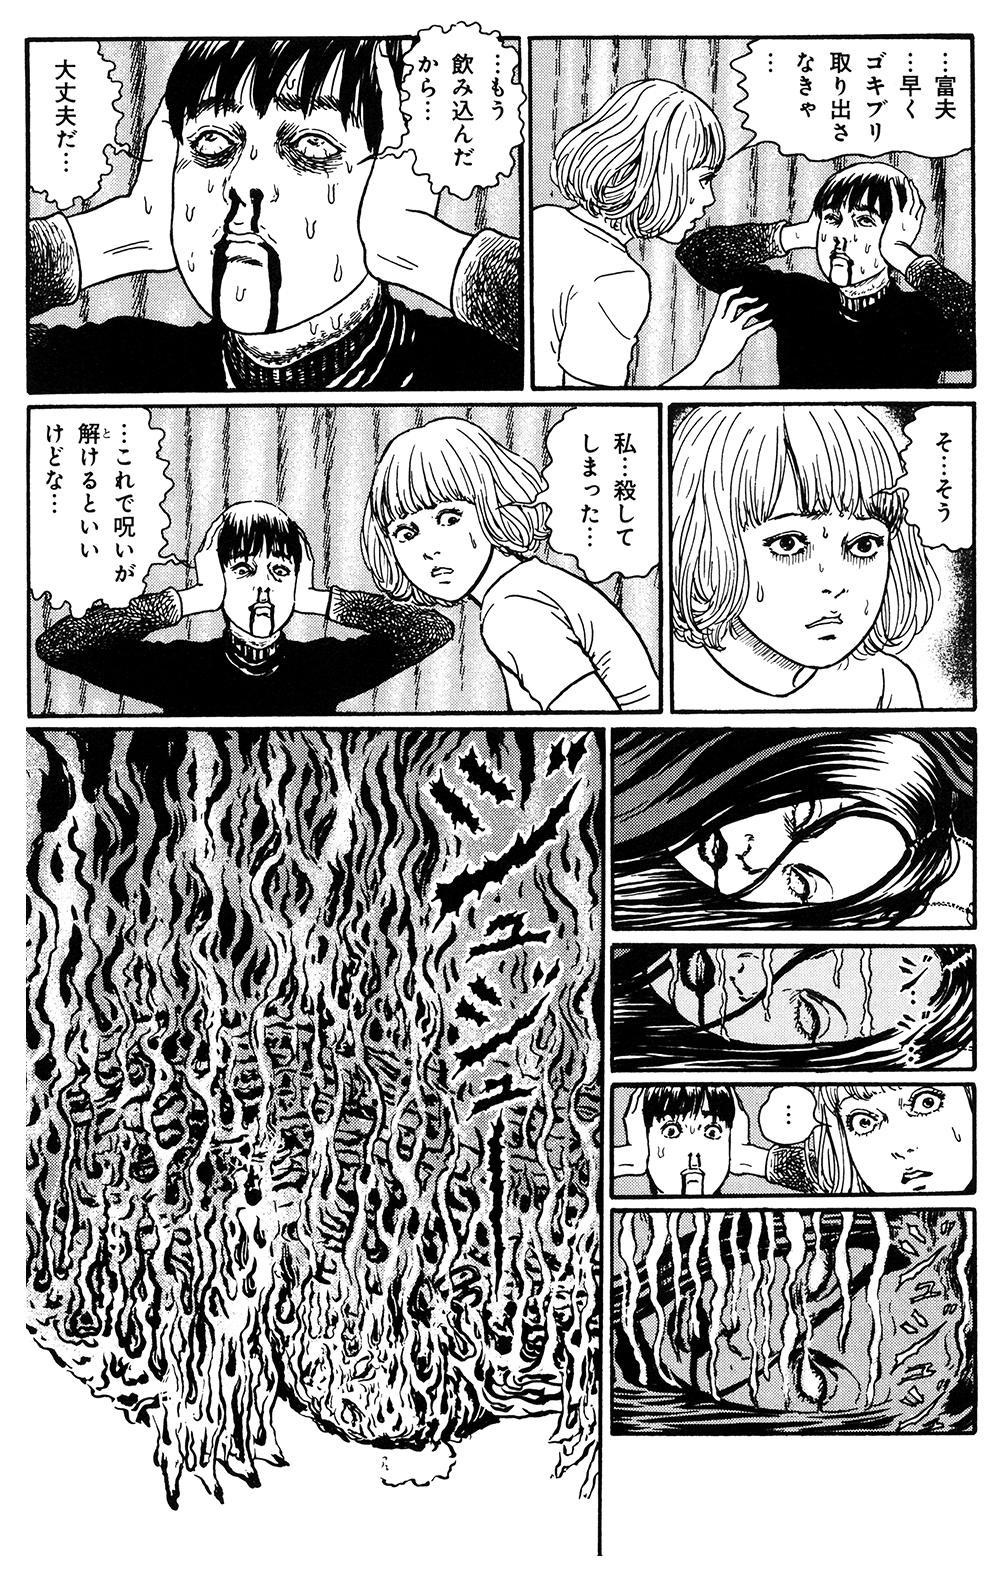 魔の断片 第3話「富夫・赤いハイネック」③jisen07-07.jpg